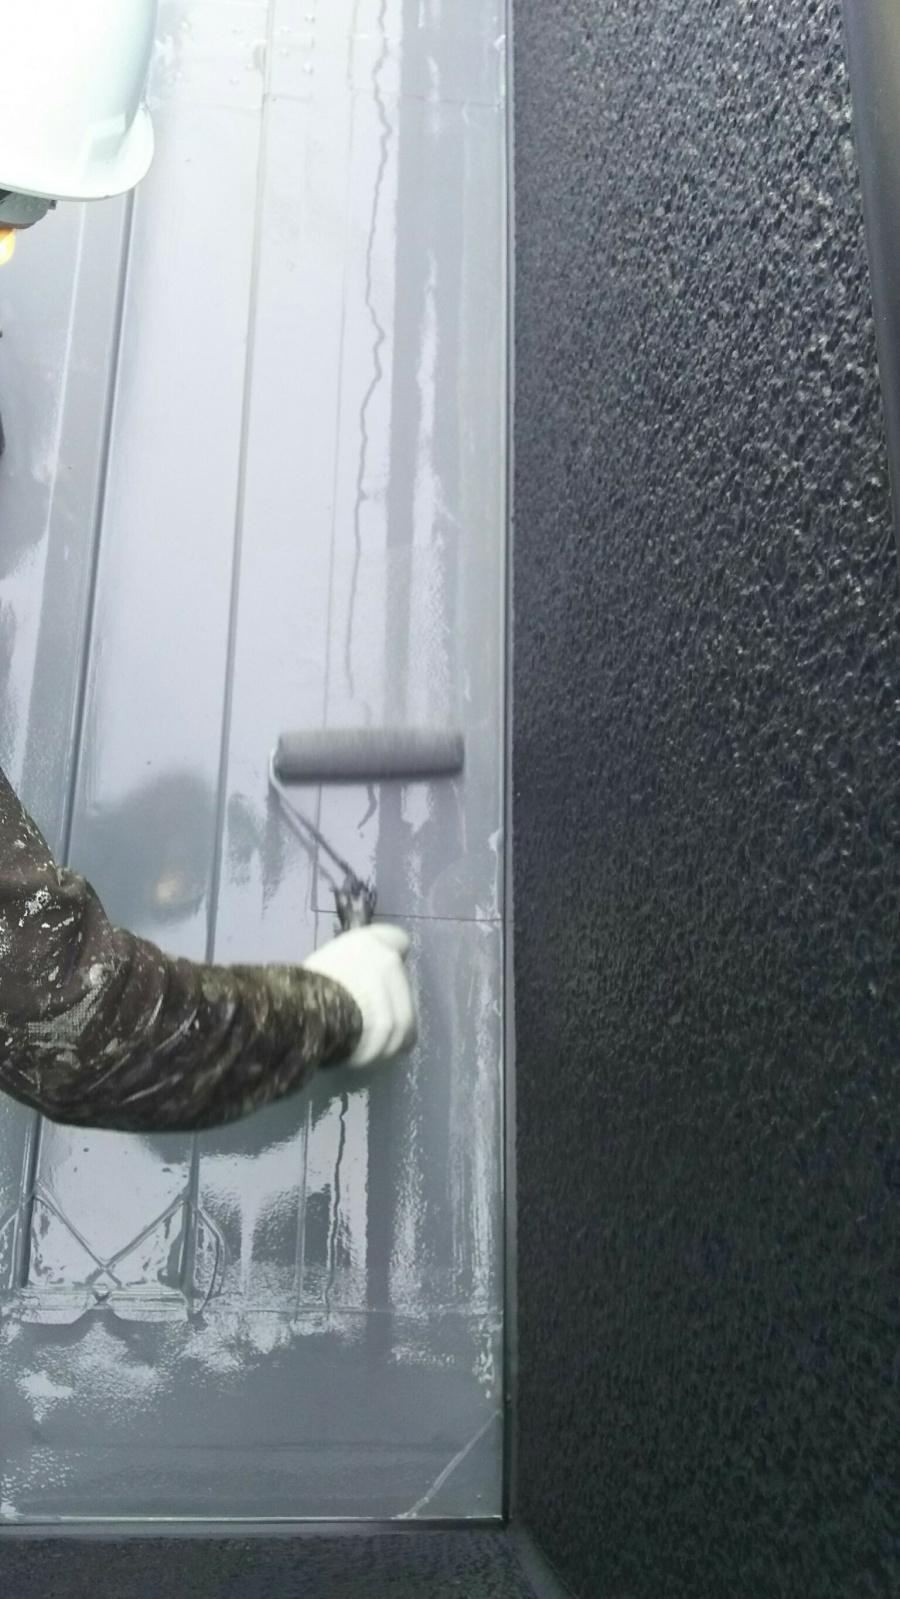 竣工しました! 多治見市 Tさま邸 屋根・外壁塗装工事